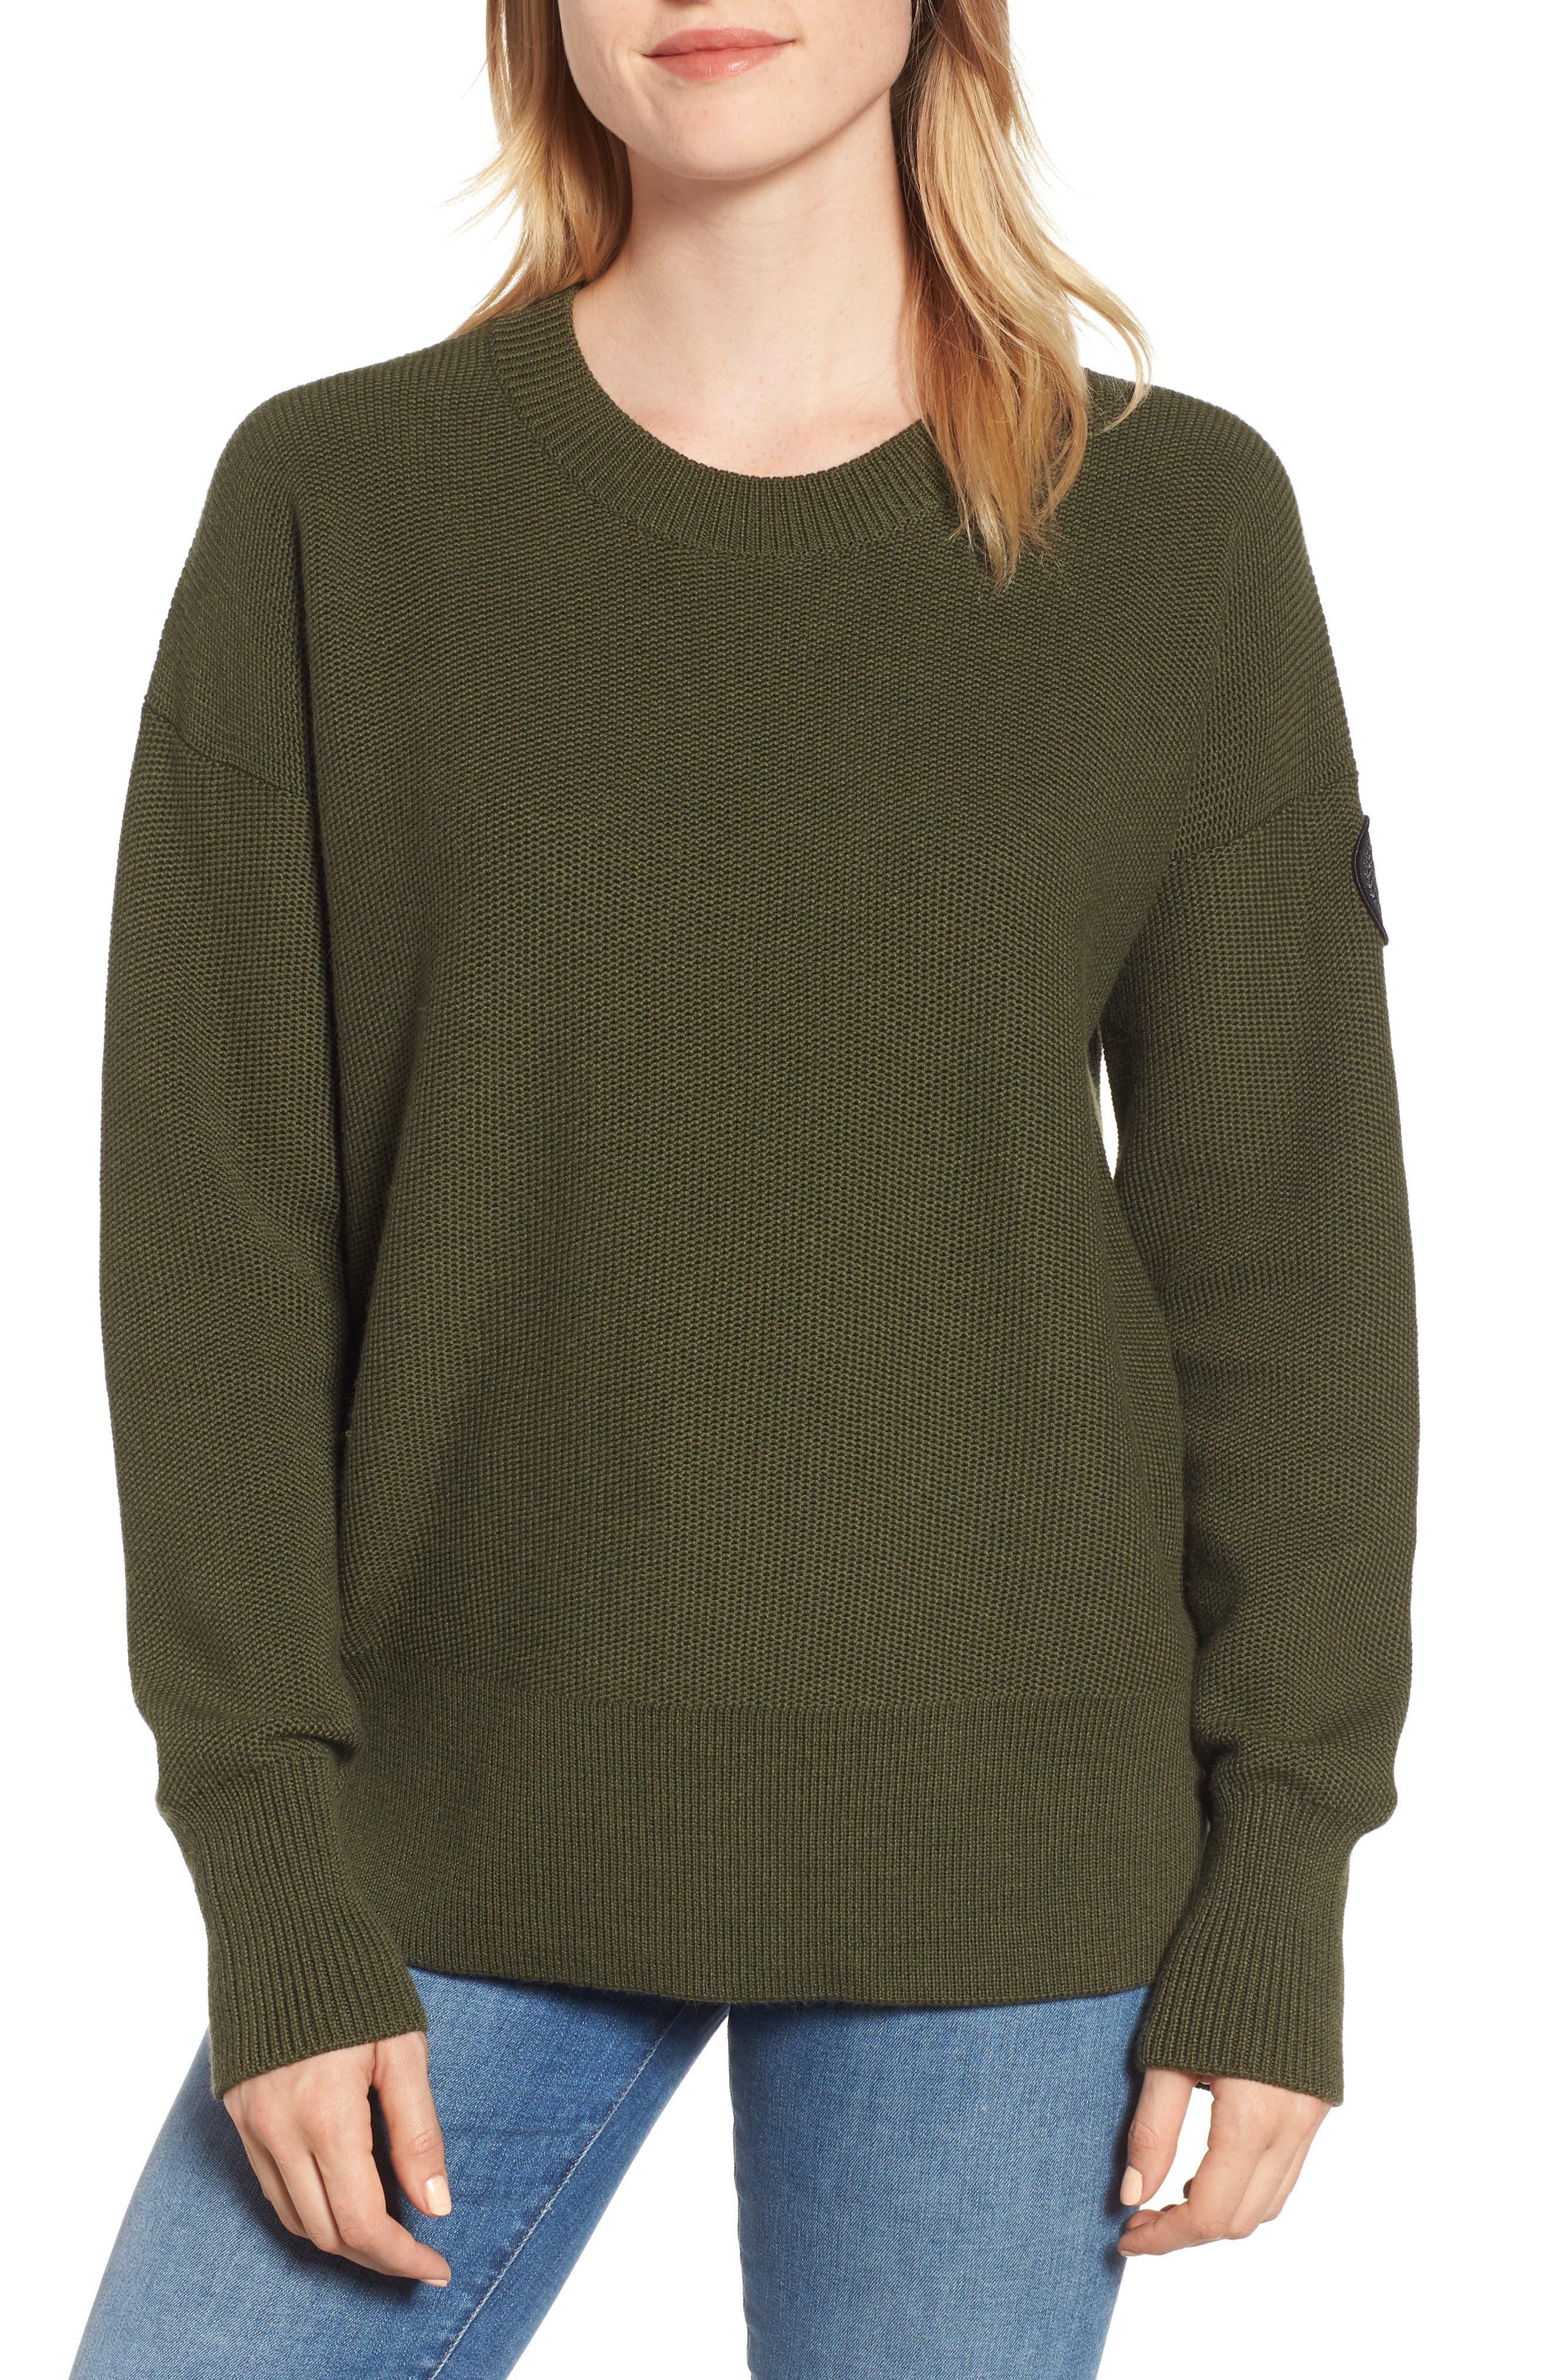 Canada Goose Aleza Merino Wool Sweater, (6-8) - Green